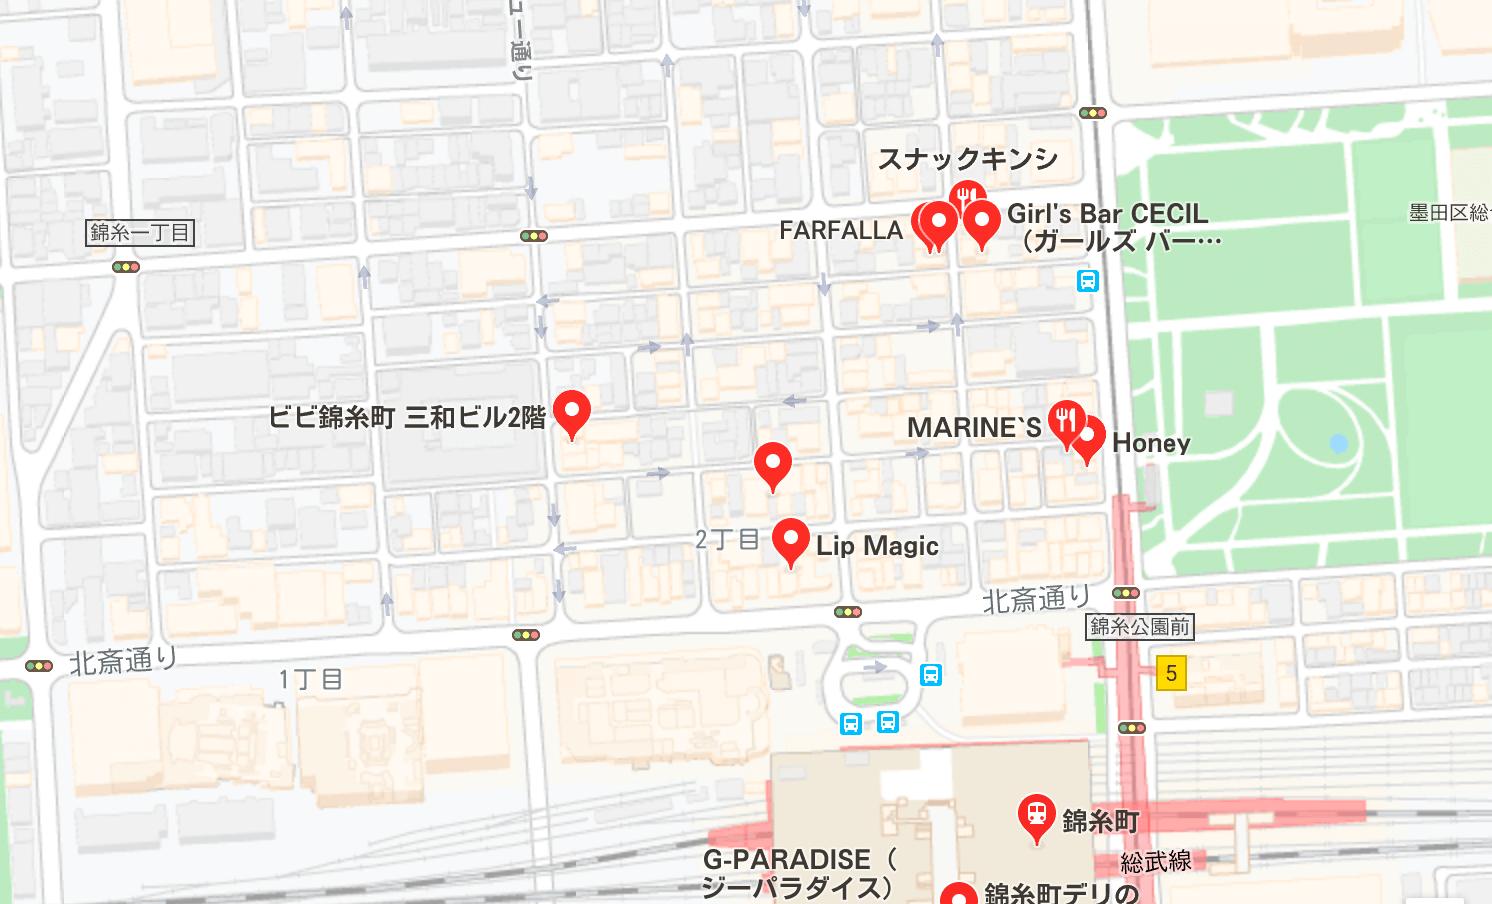 錦糸町 夜遊び